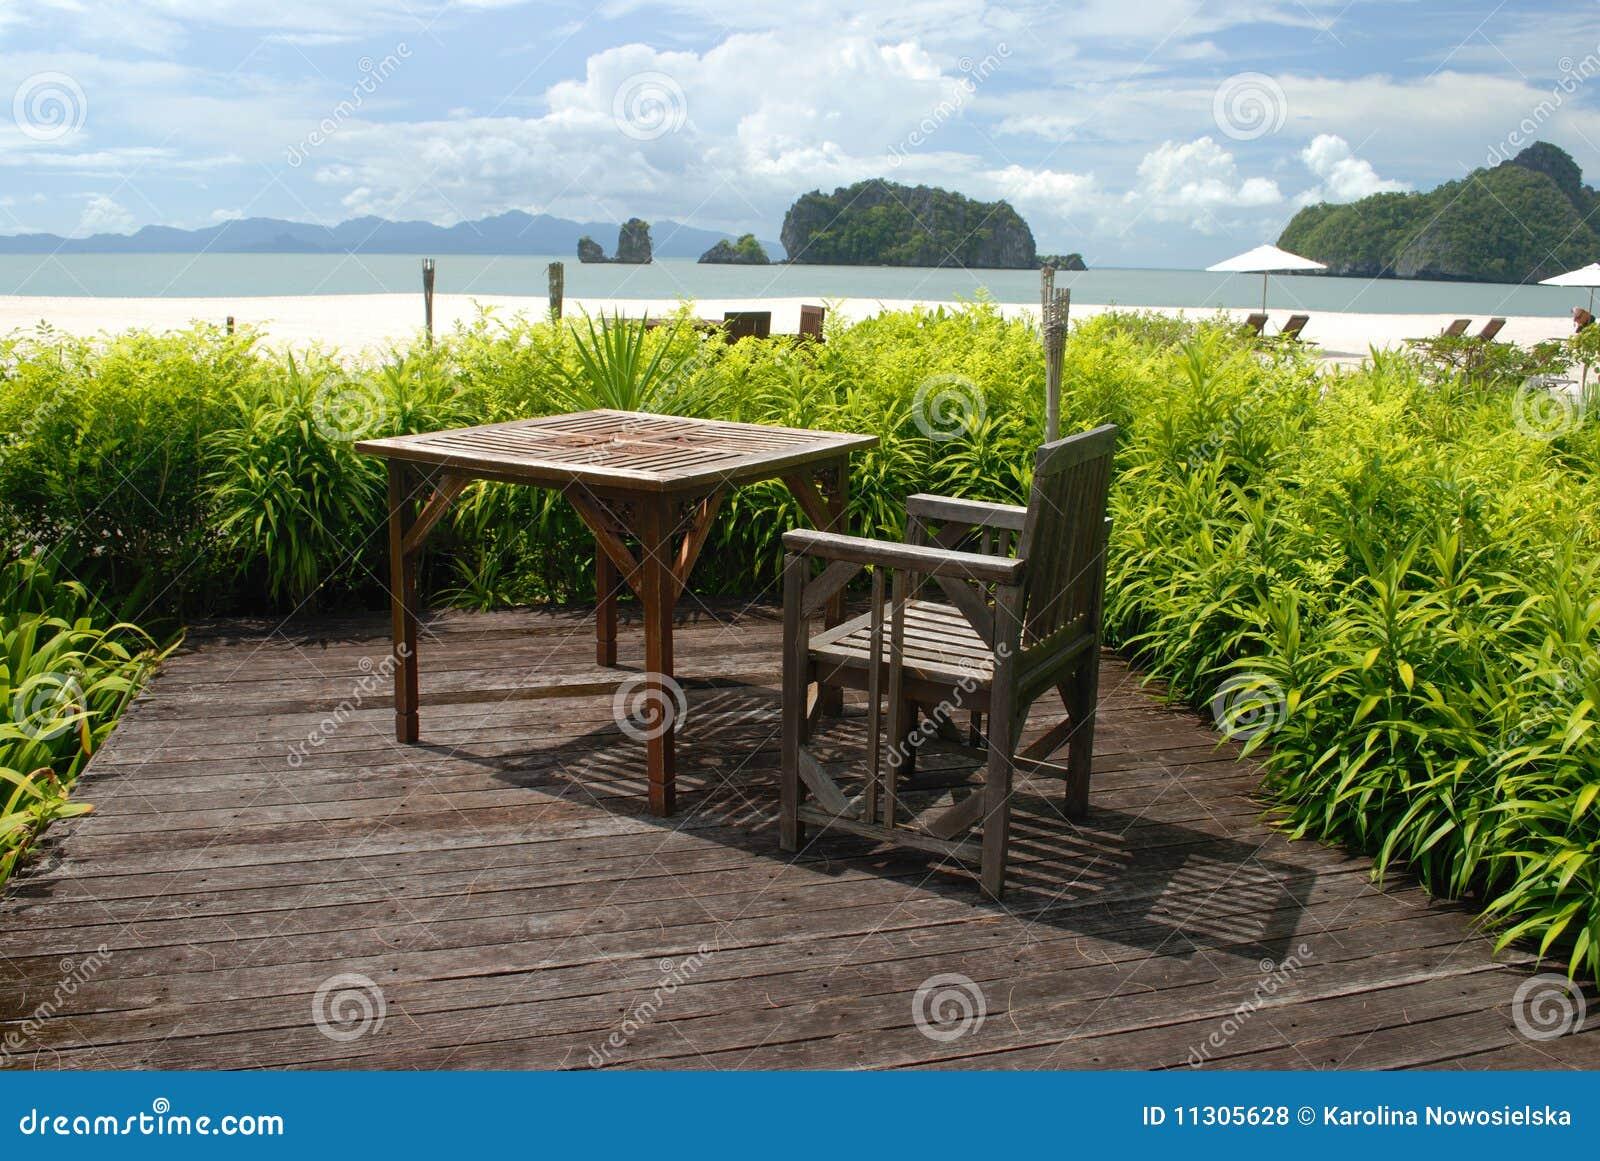 Tanjung rhu langkawi Малайзии пляжа